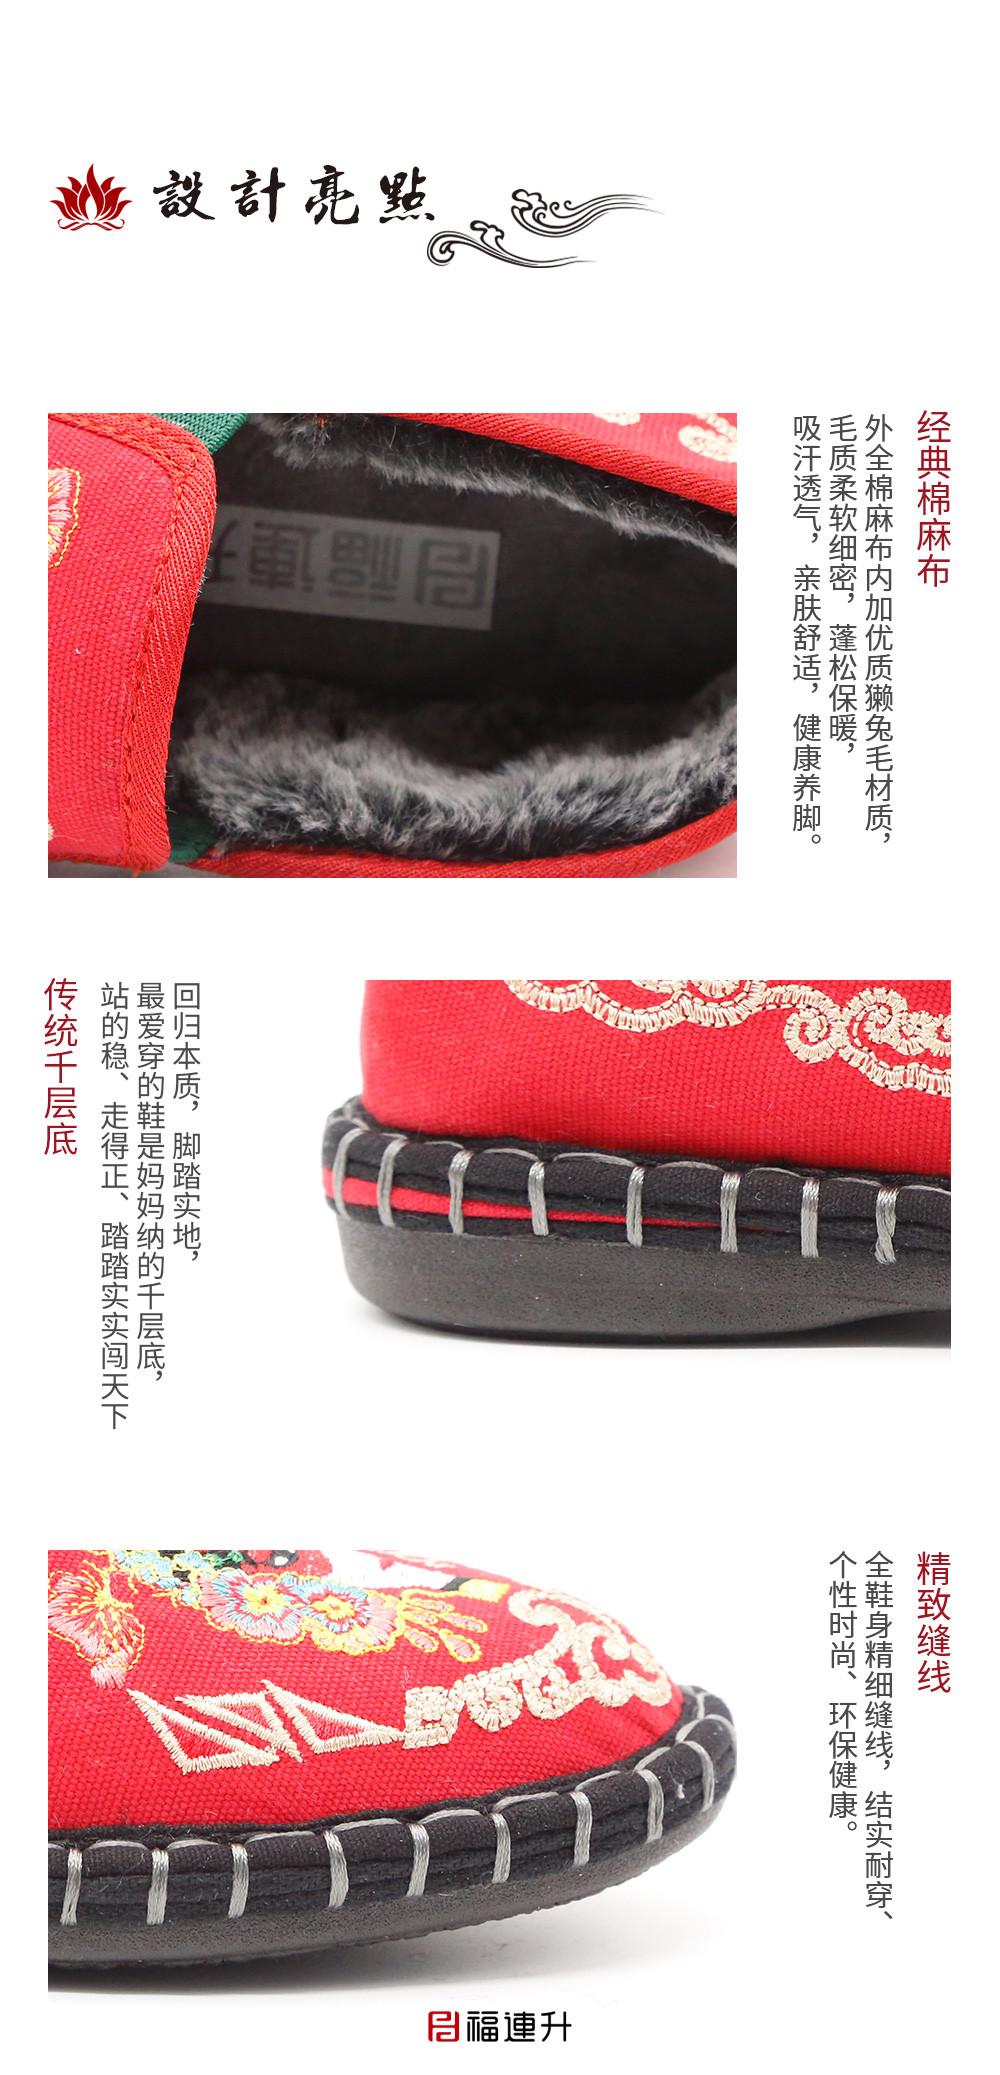 福连升老北京布鞋2020冬季新款民族风脸谱刺绣女款棉鞋图片